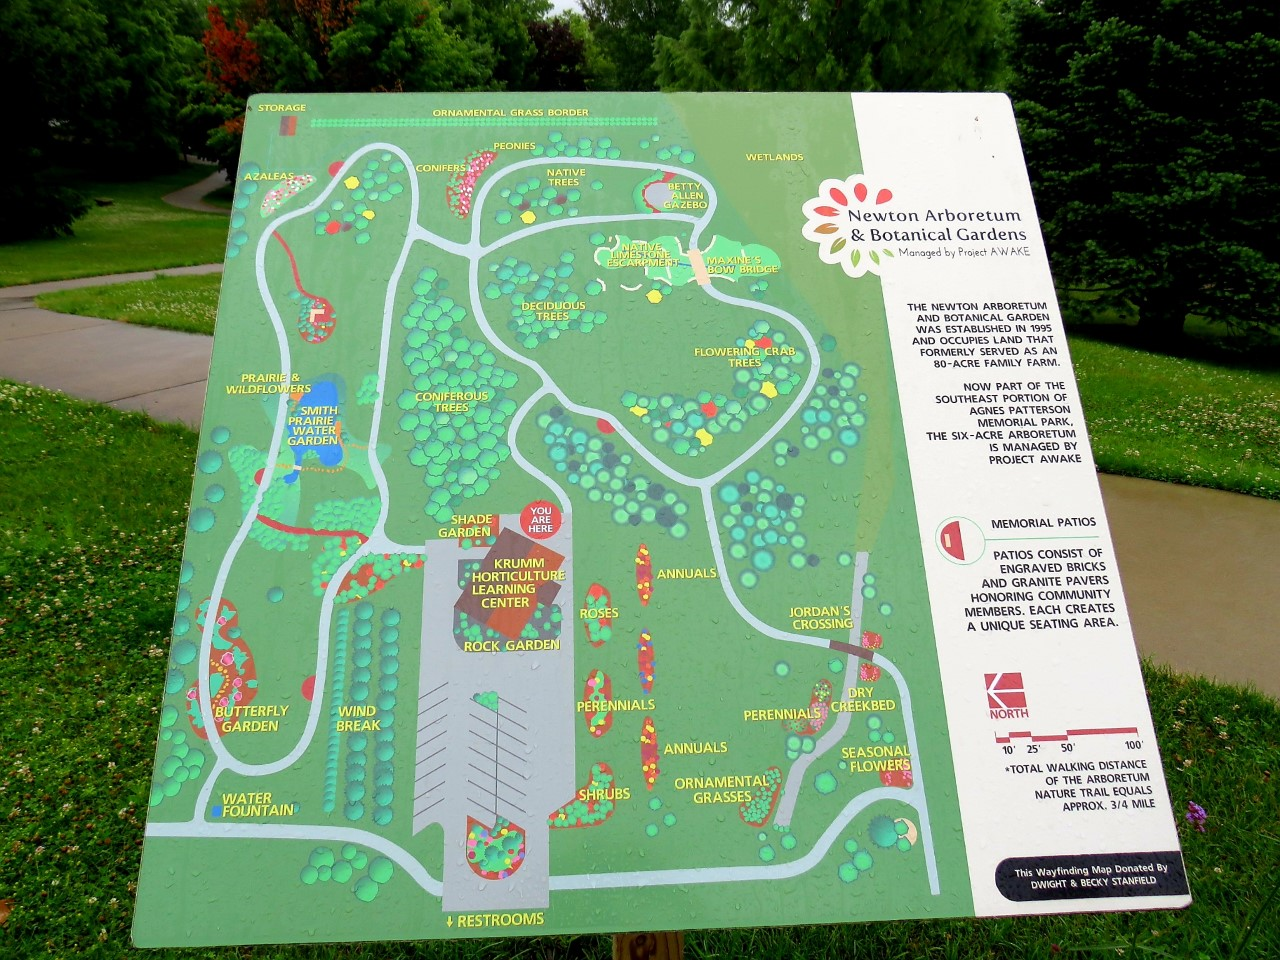 Newton Arboretum & Botanical Gardens by FlowerChick.com